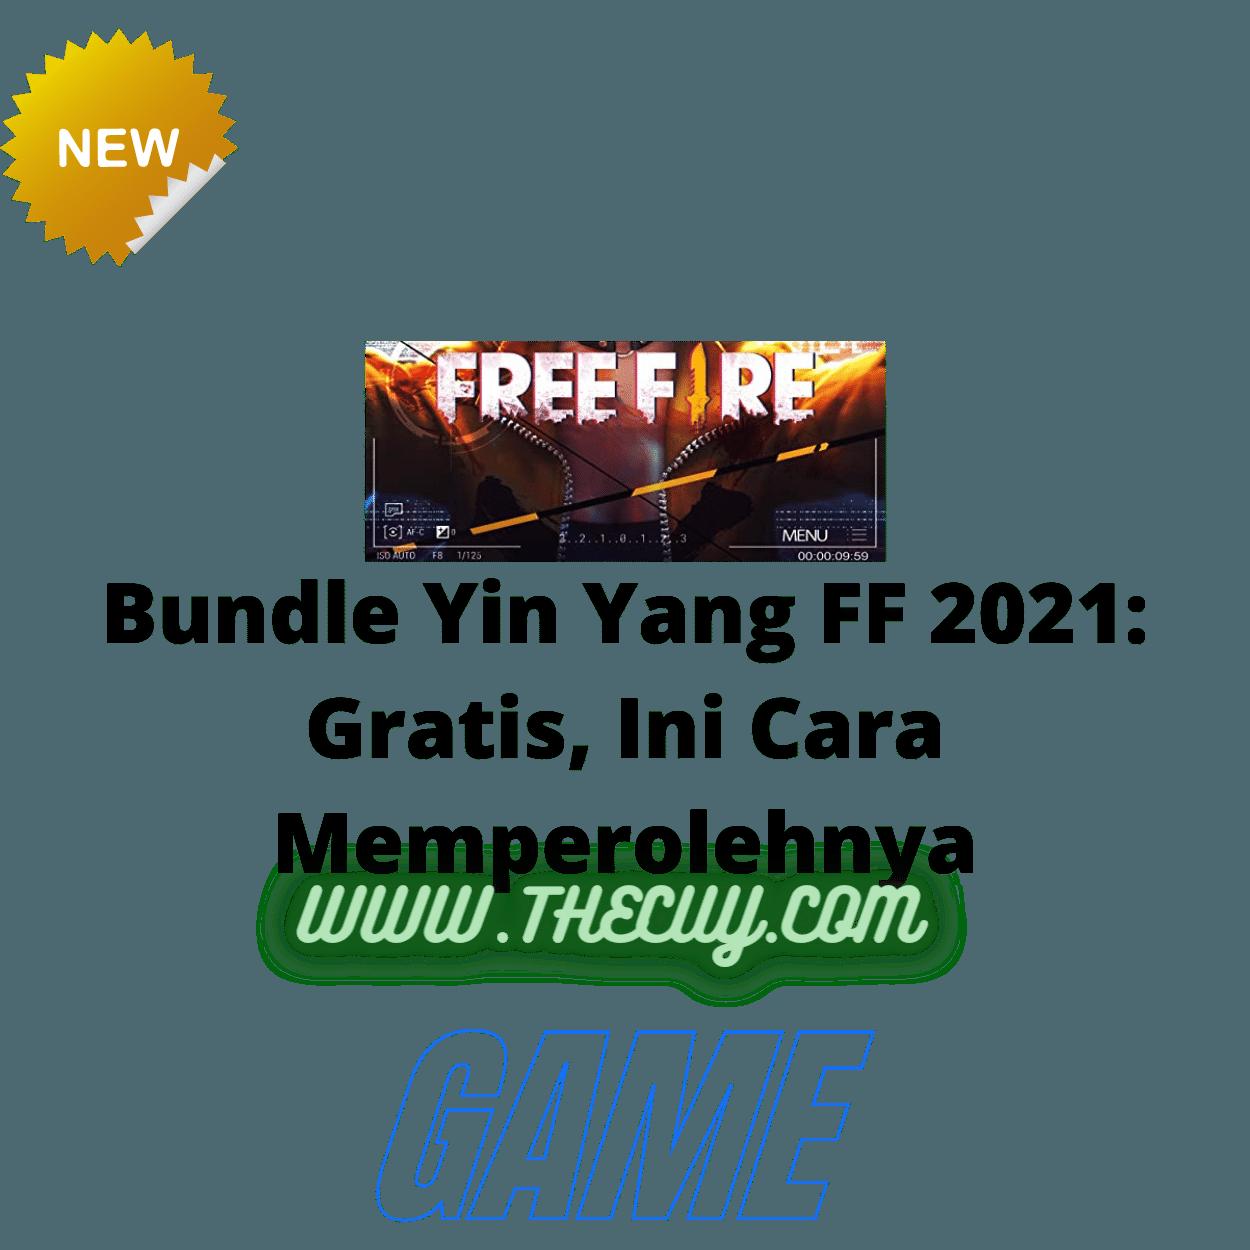 Bundle Yin Yang FF 2021: Gratis, Ini Cara Memperolehnya